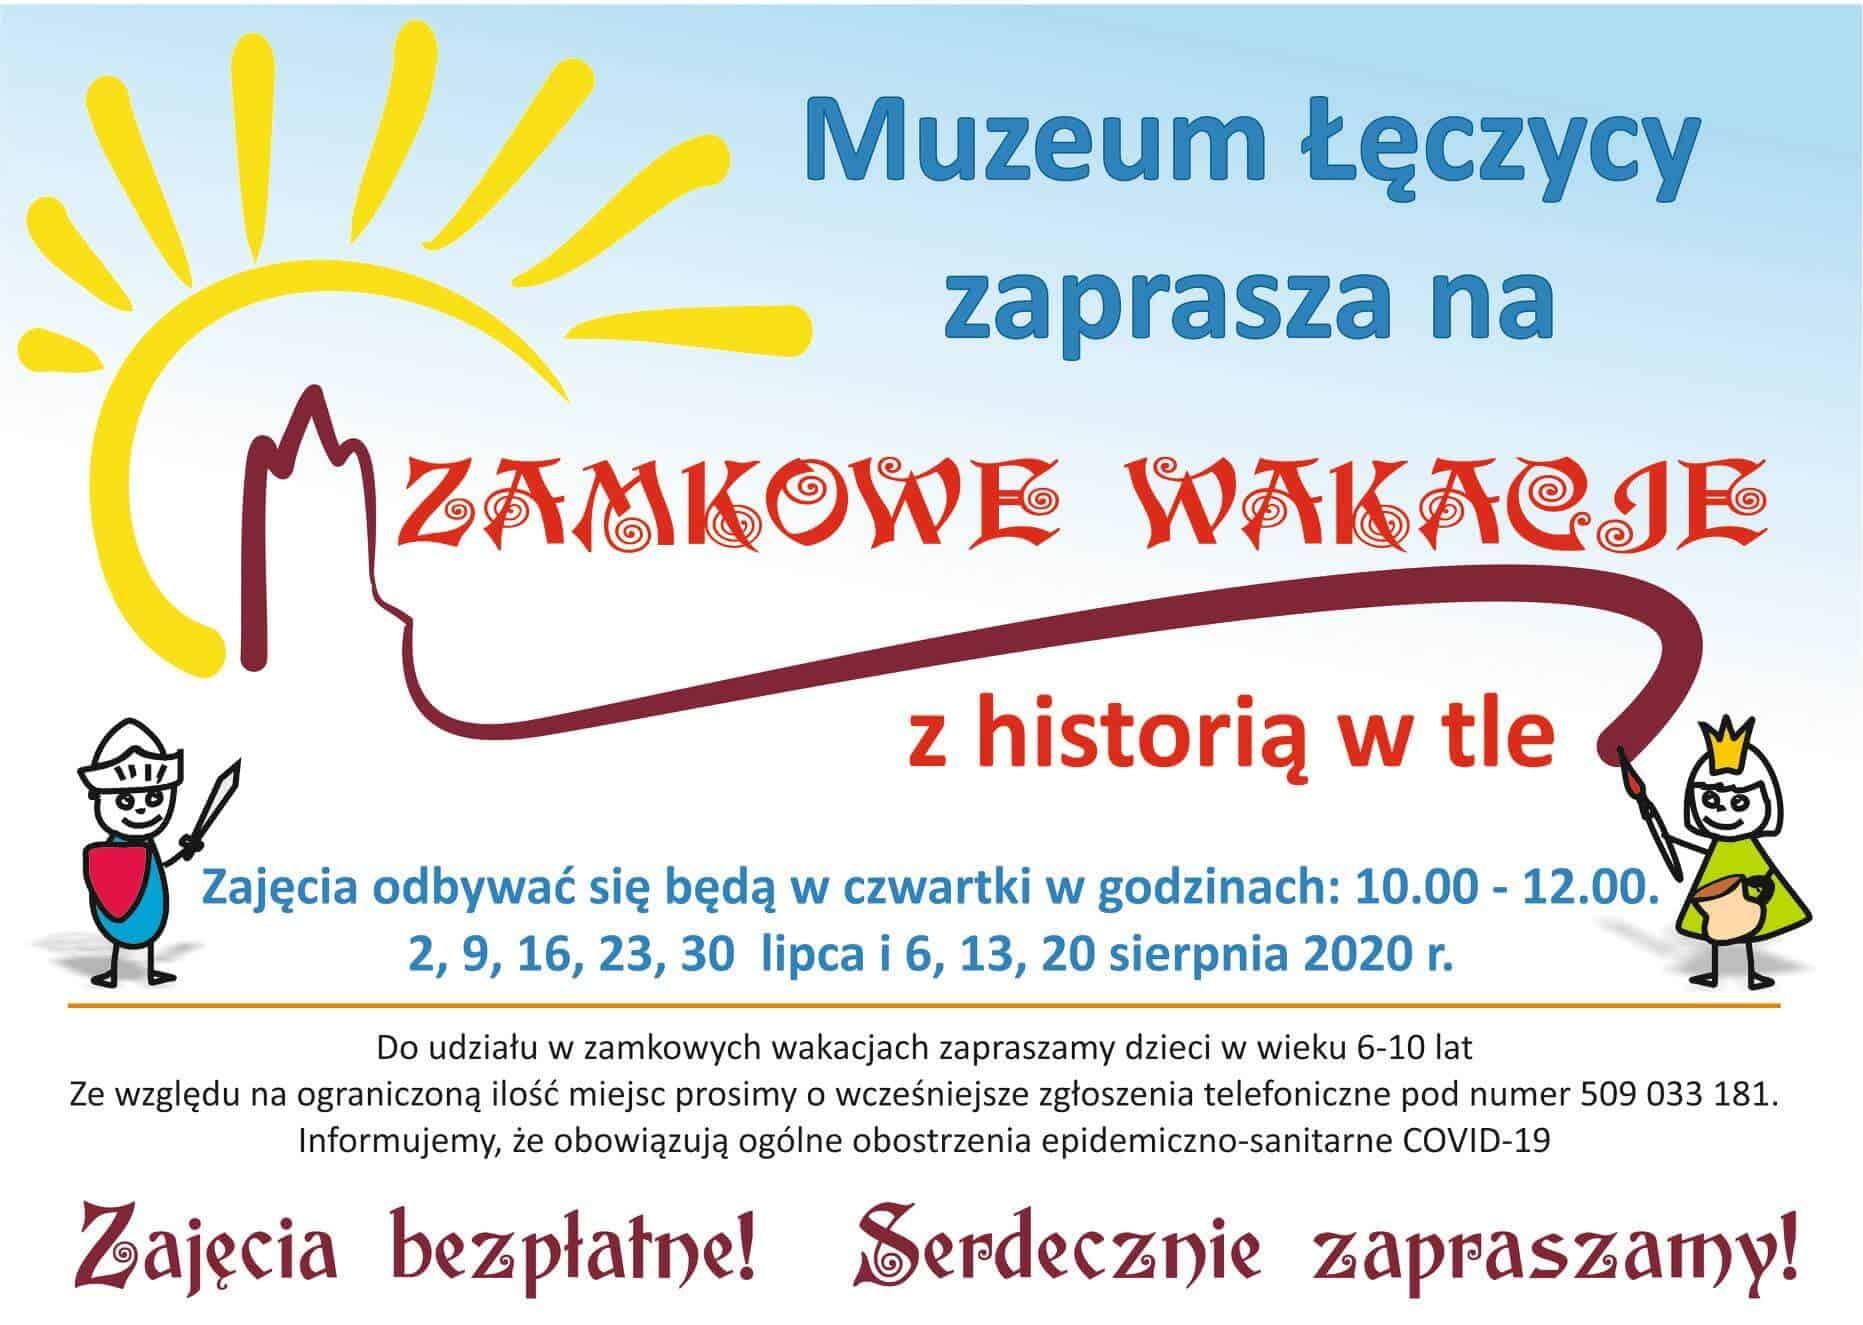 Zamkowe wakacje_Muzeum w Łęczycy